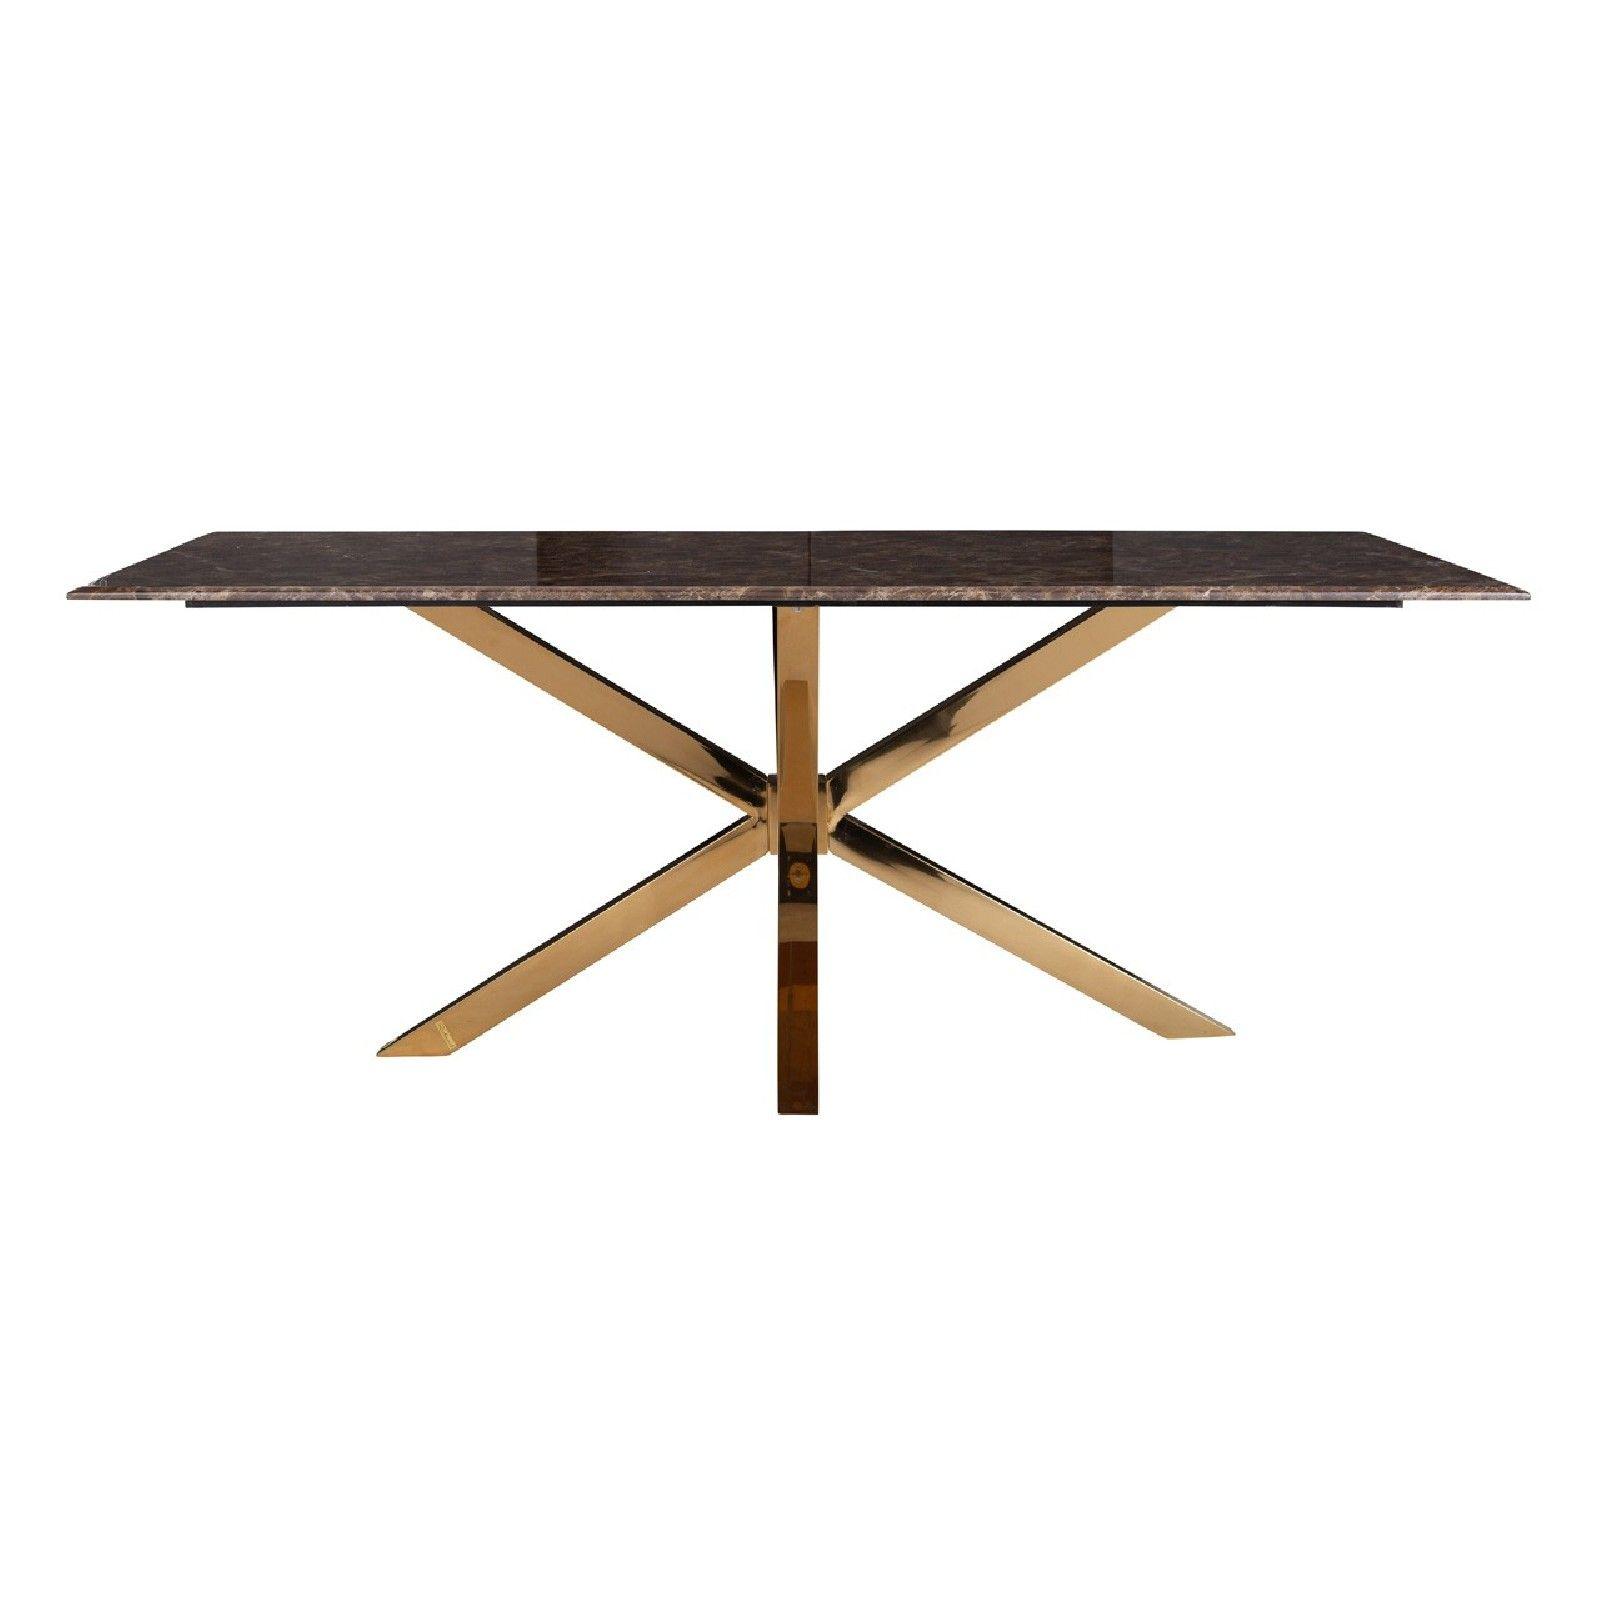 Table a manger Conrad faux emperador marbre Meuble Déco Tendance - 140